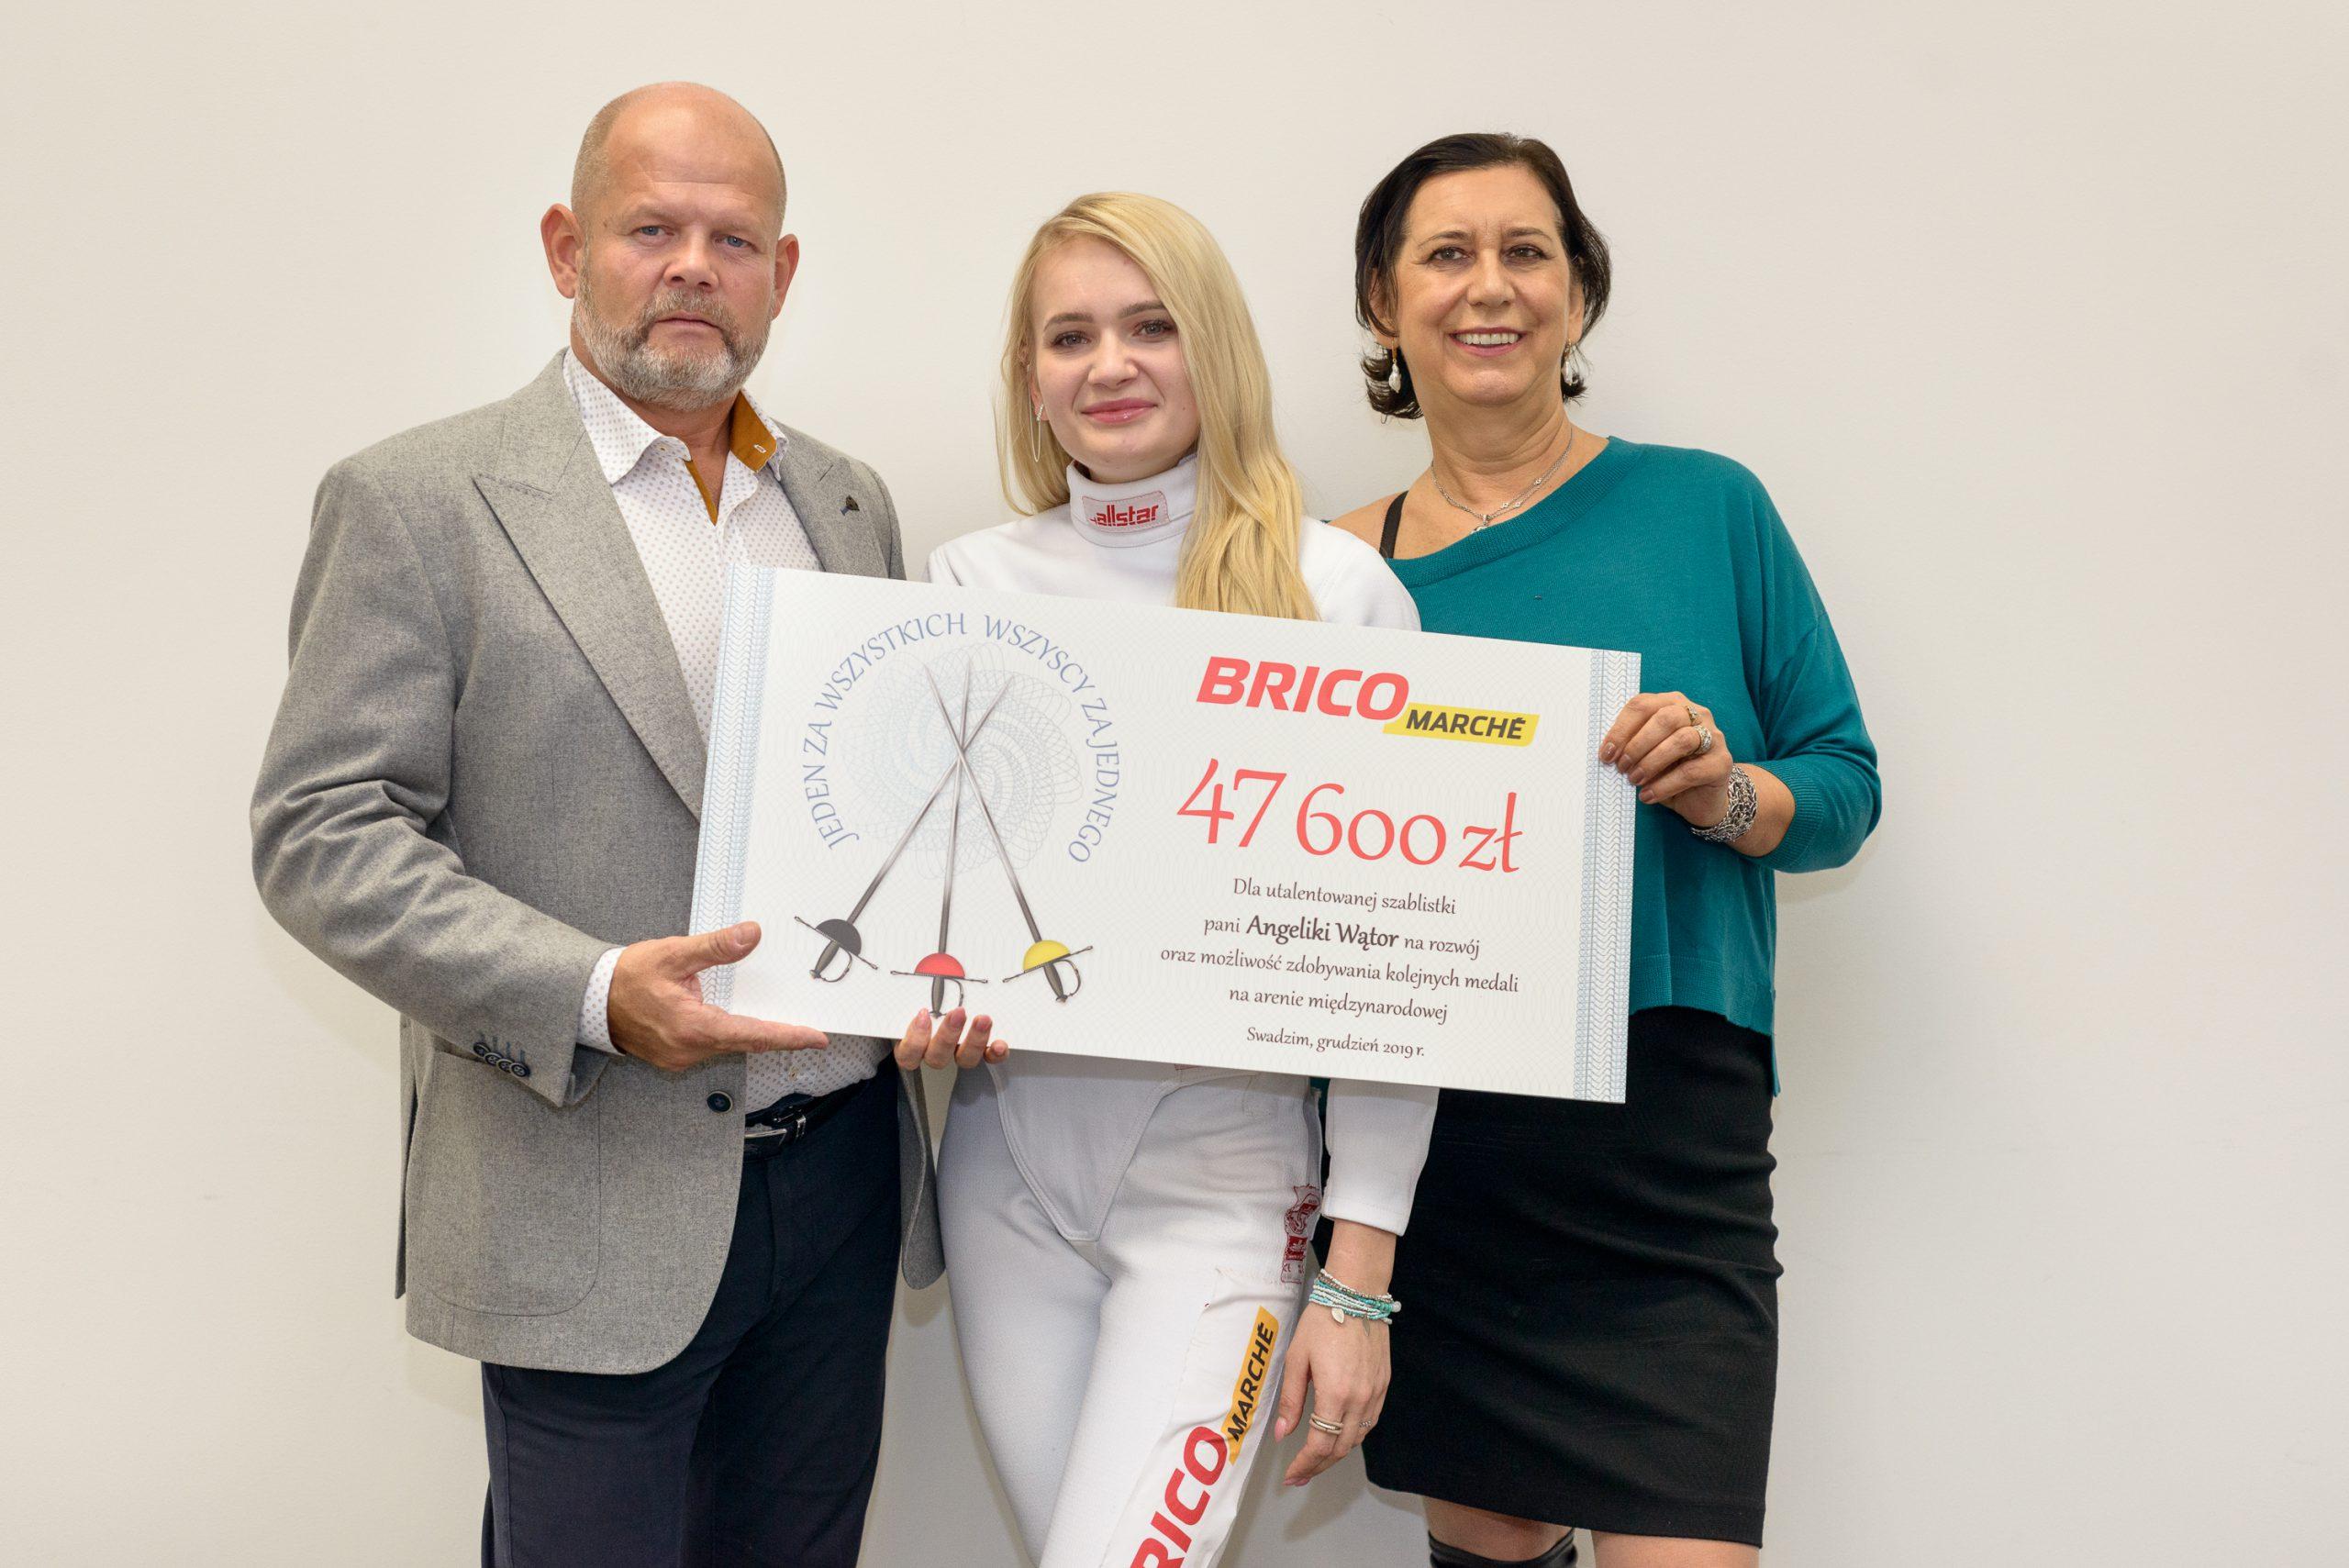 Bricomarché wsparło mistrzynię szabli – Angelikę Wątor